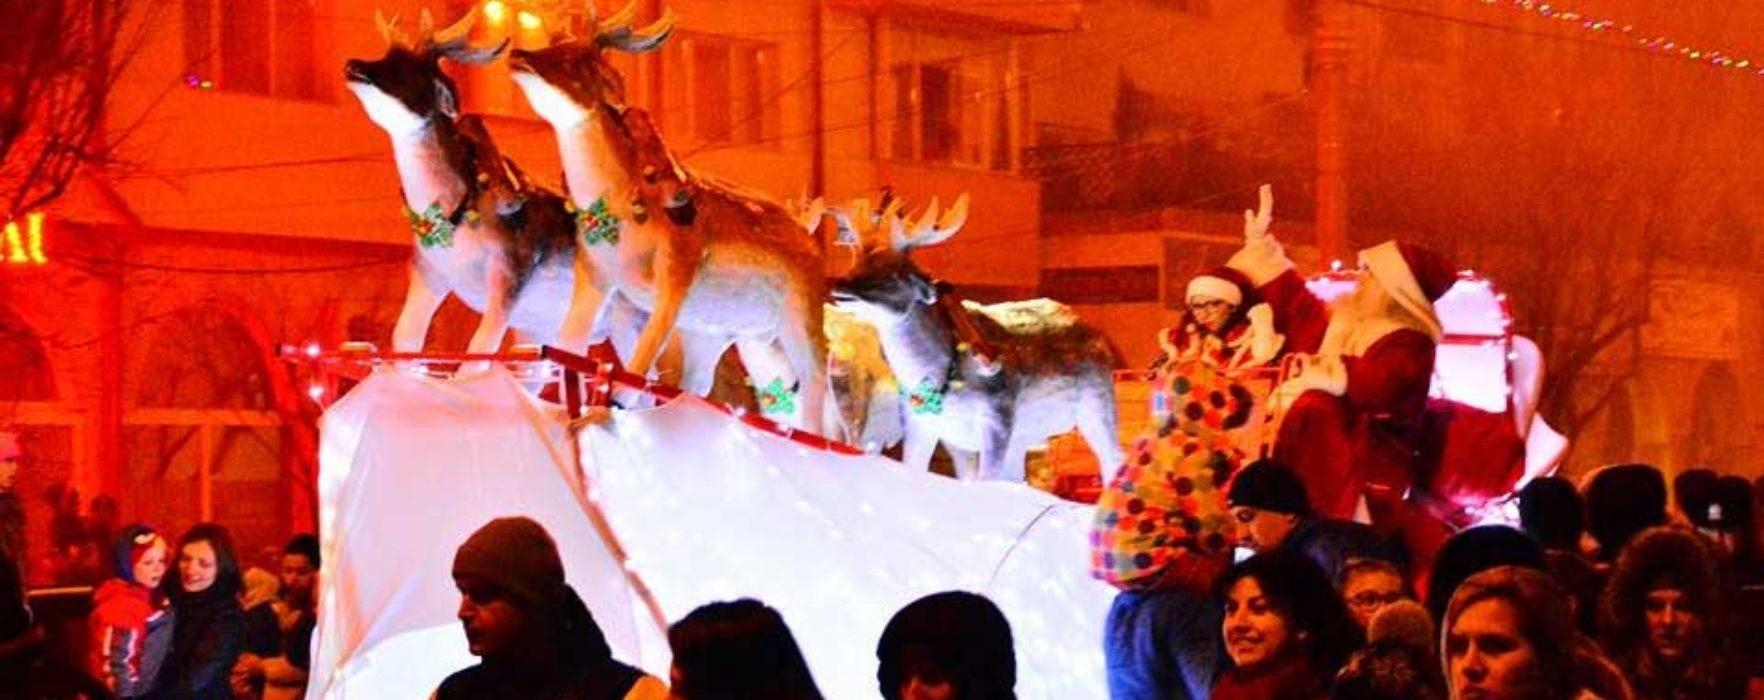 Târgoviște: Moș Crăciun a sosit în Orășelul copiilor